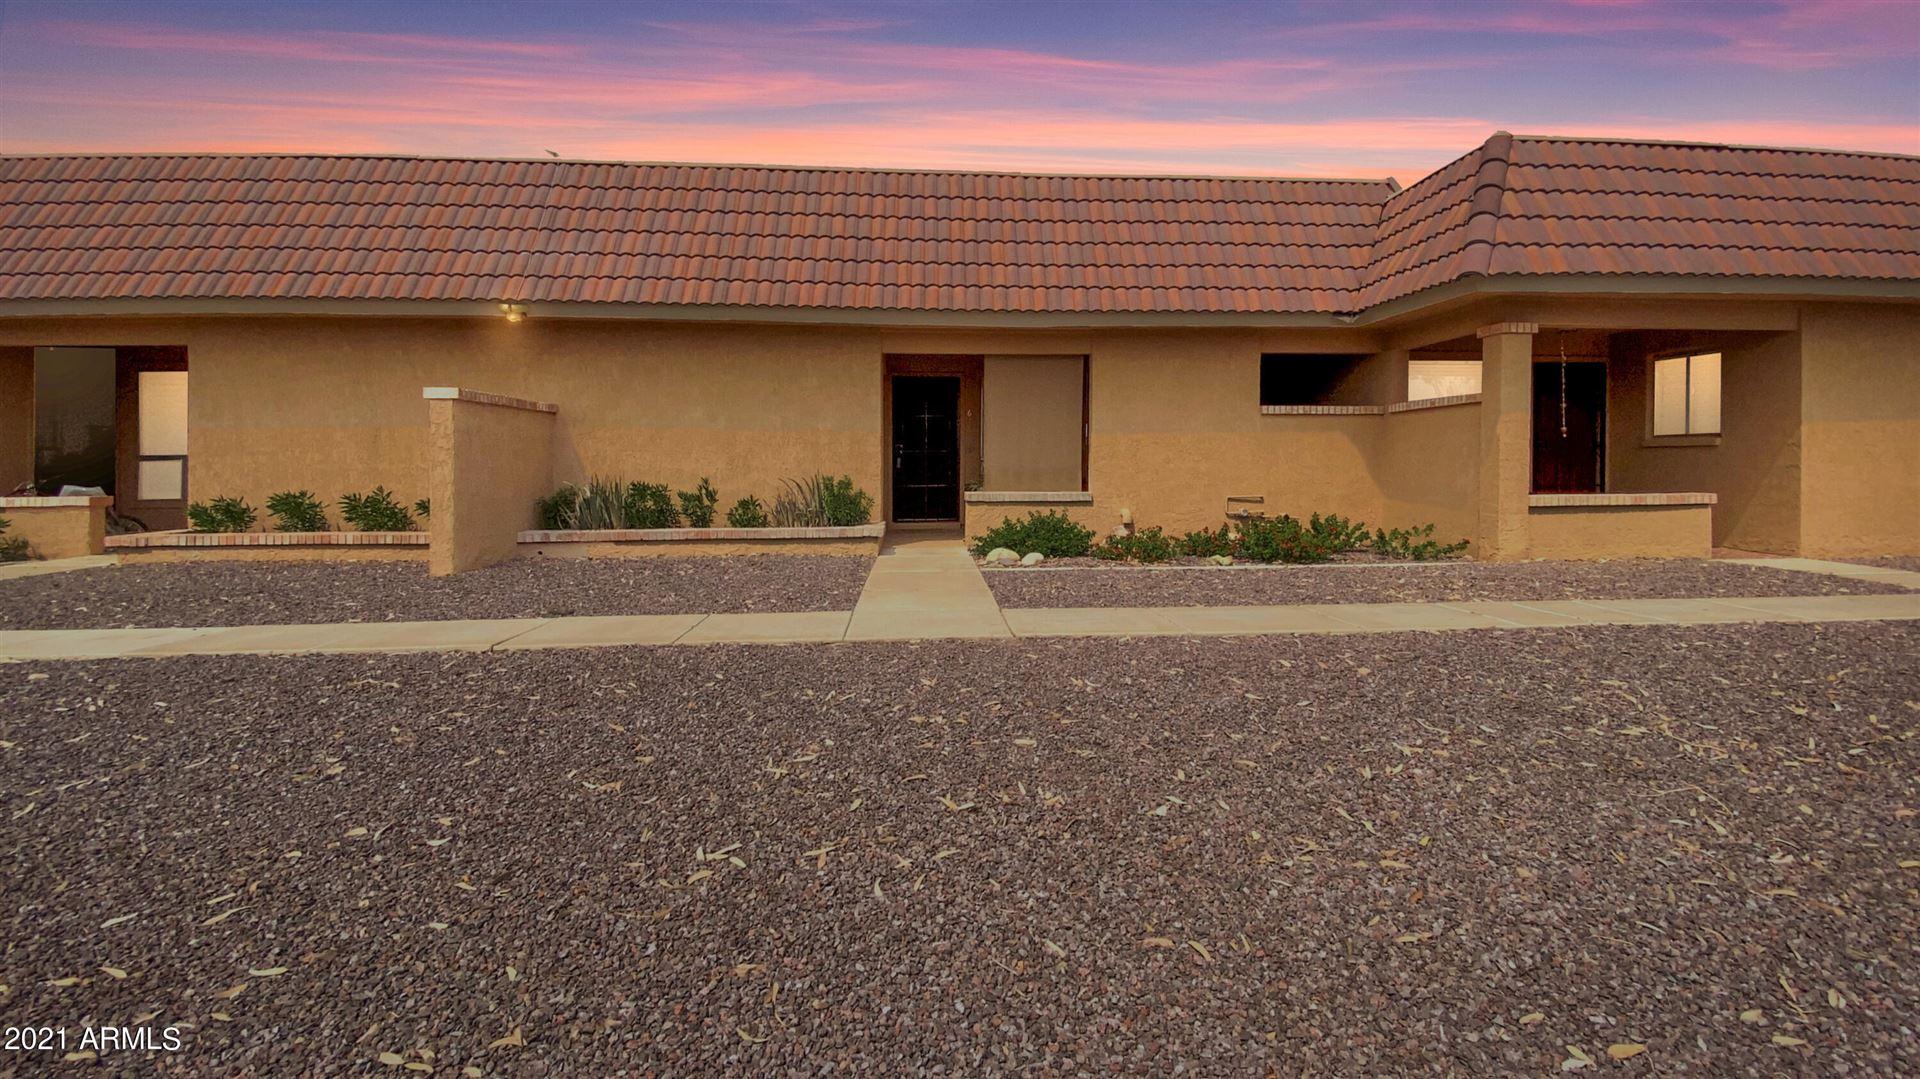 Photo of 501 W PONTIAC Drive #6, Phoenix, AZ 85027 (MLS # 6268786)